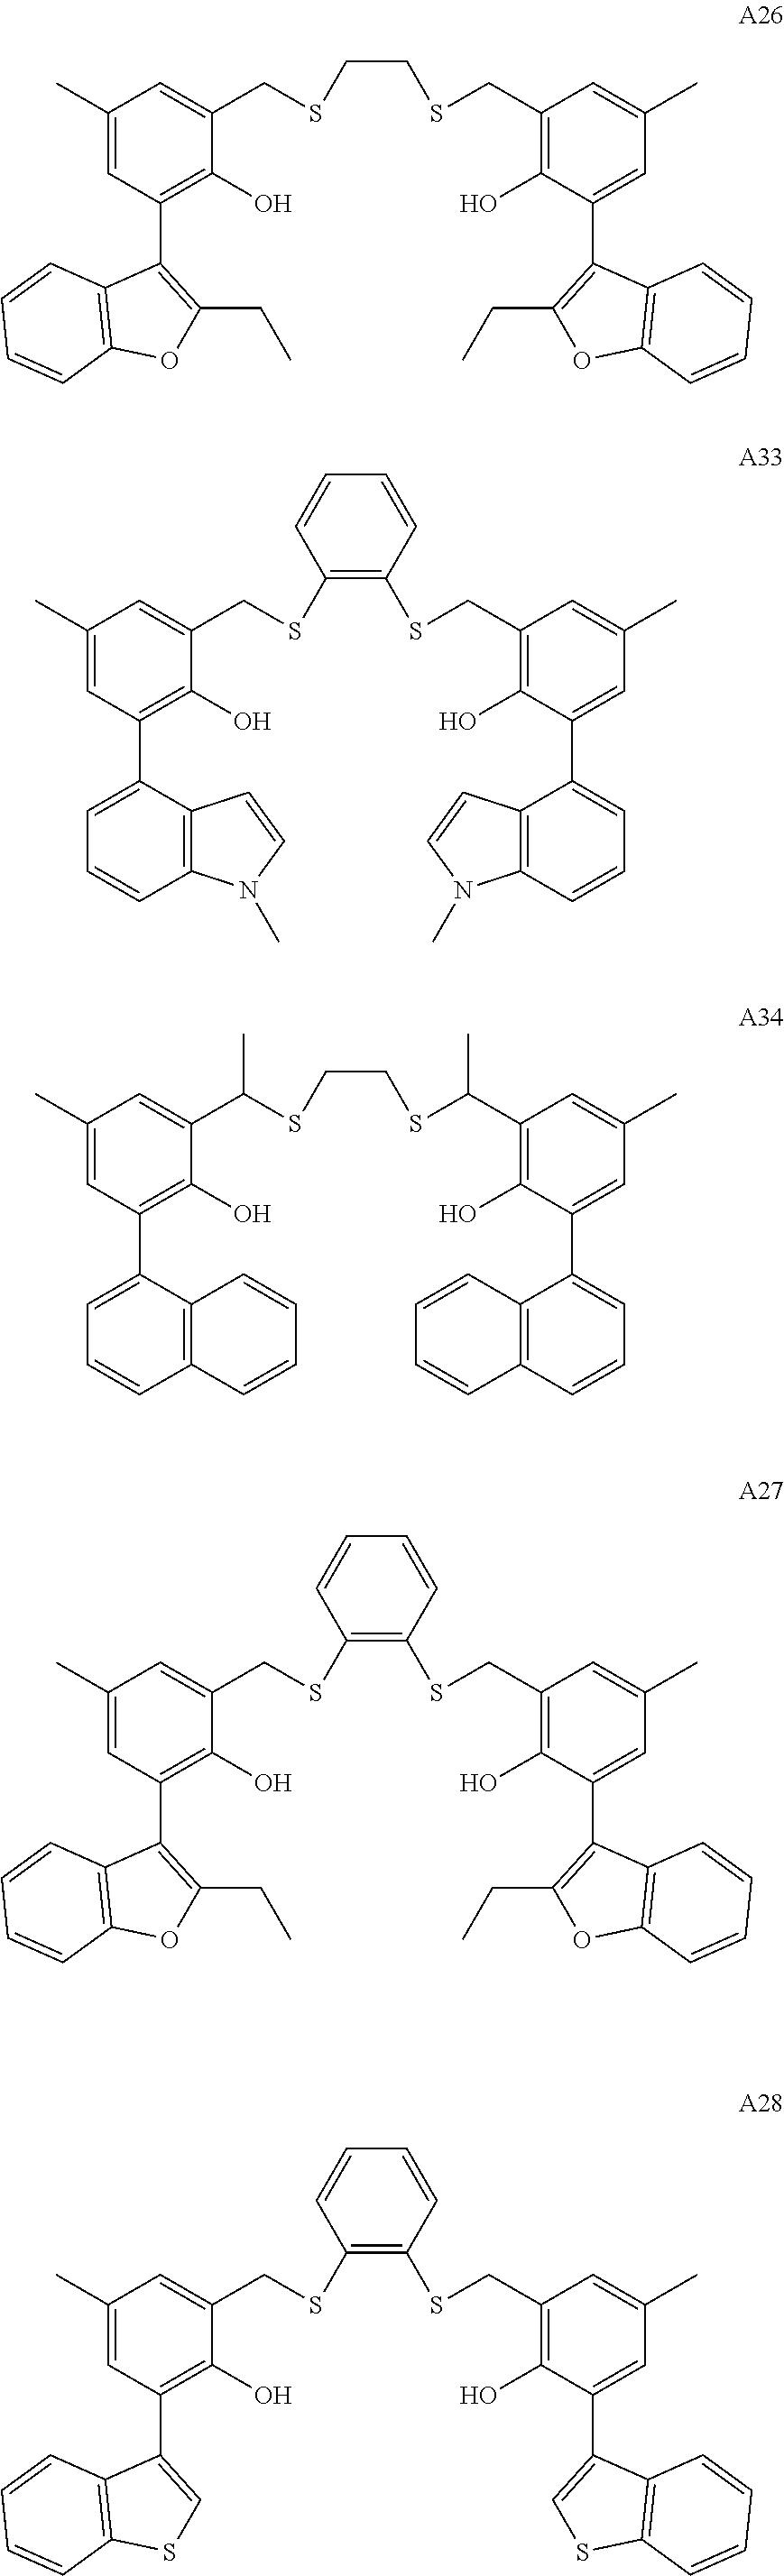 Figure US20120029159A1-20120202-C00023